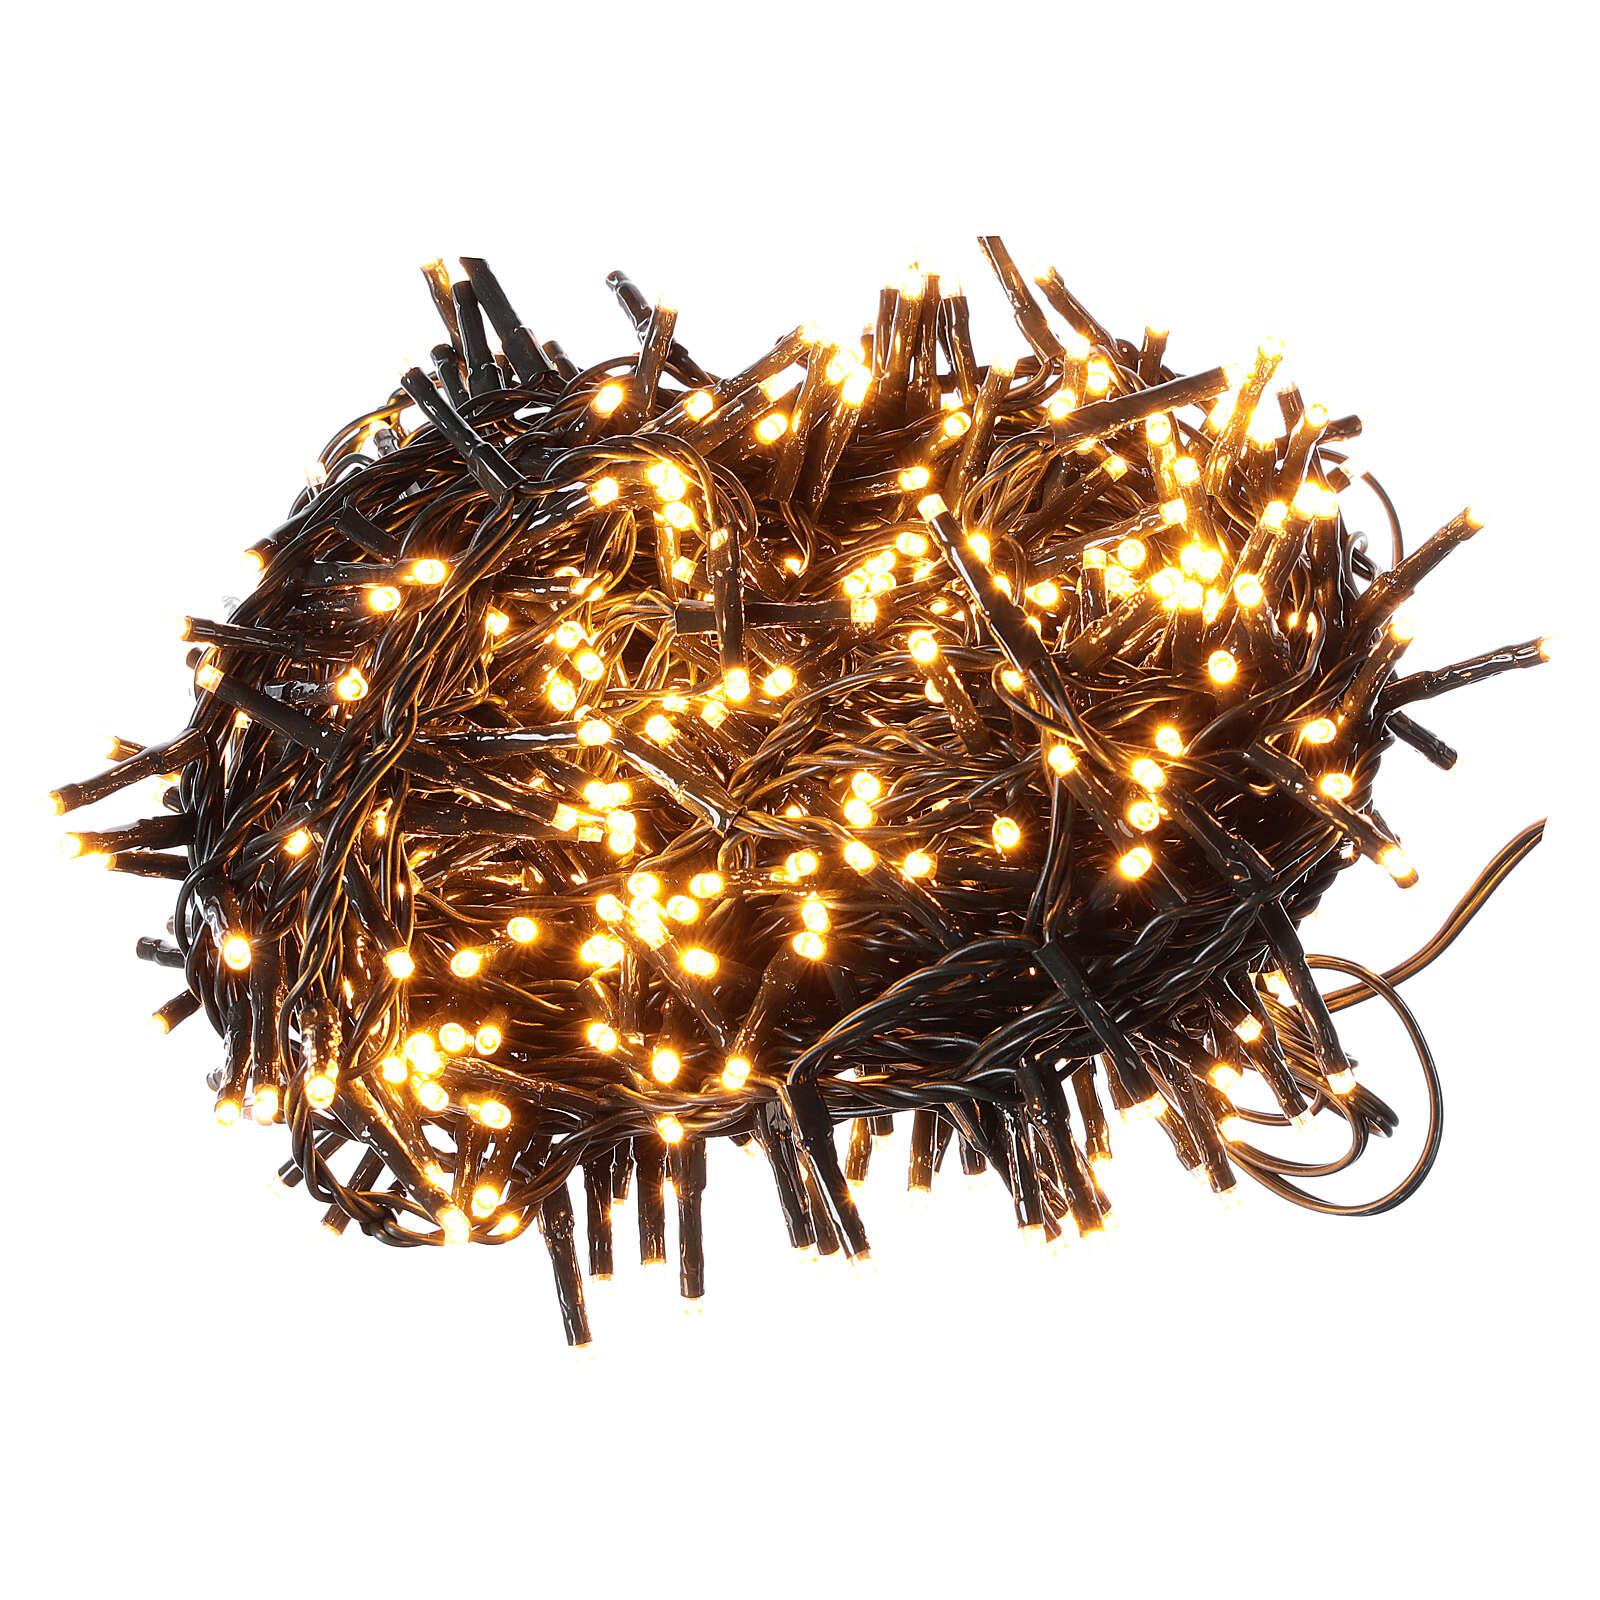 Guirlande 500 LED blanc chaud ambrée avec jeux de lumières programmables 3